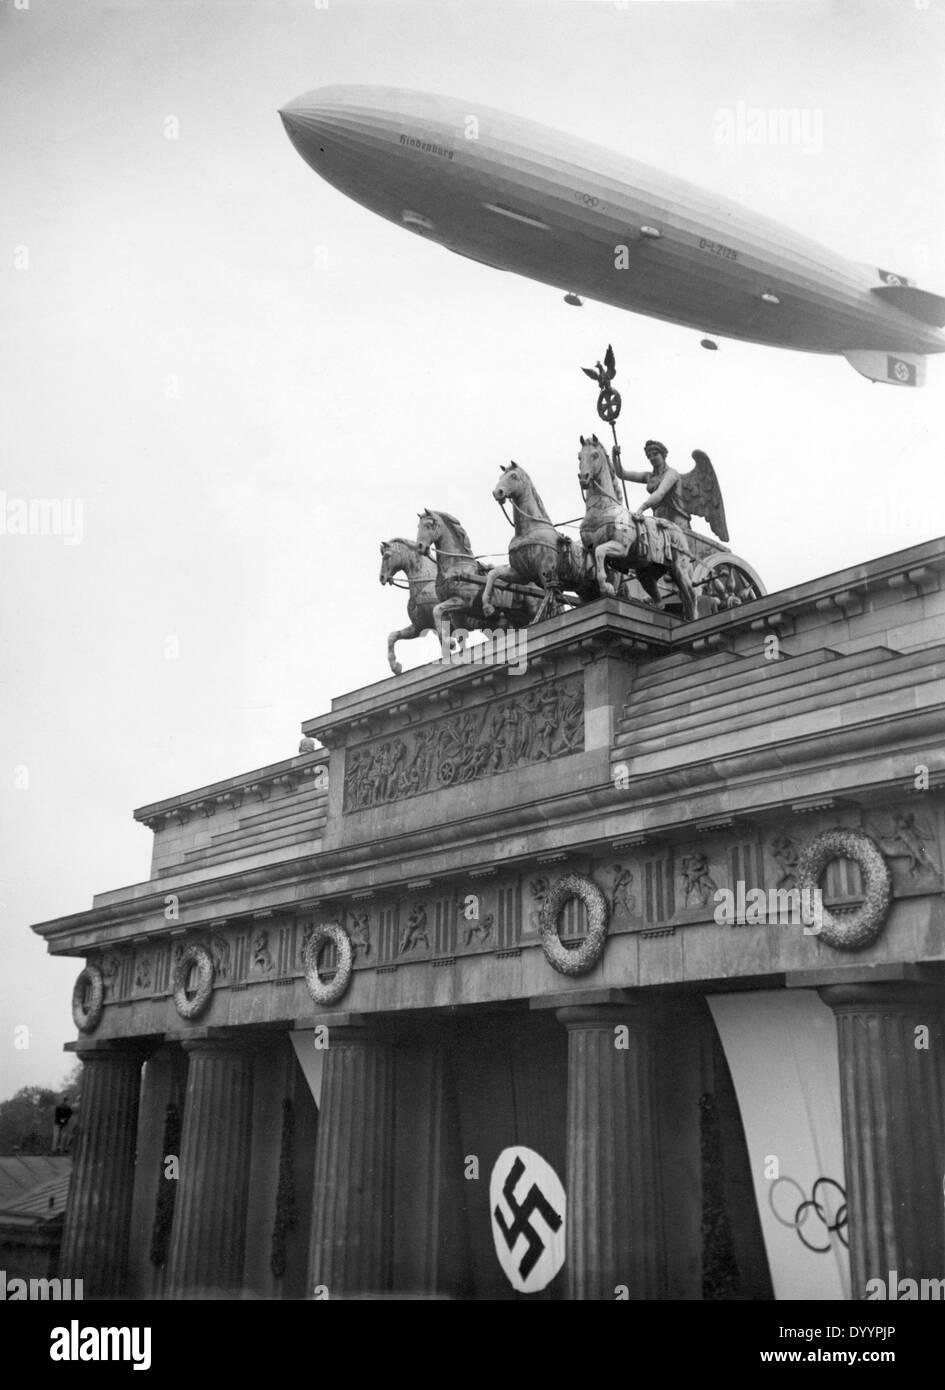 Zeppelin Hindenburg Lz 129 Und Das Brandenburger Tor In Berlin Wahrend Der Olympischen Spiele 1936 Stockfotografie Alamy